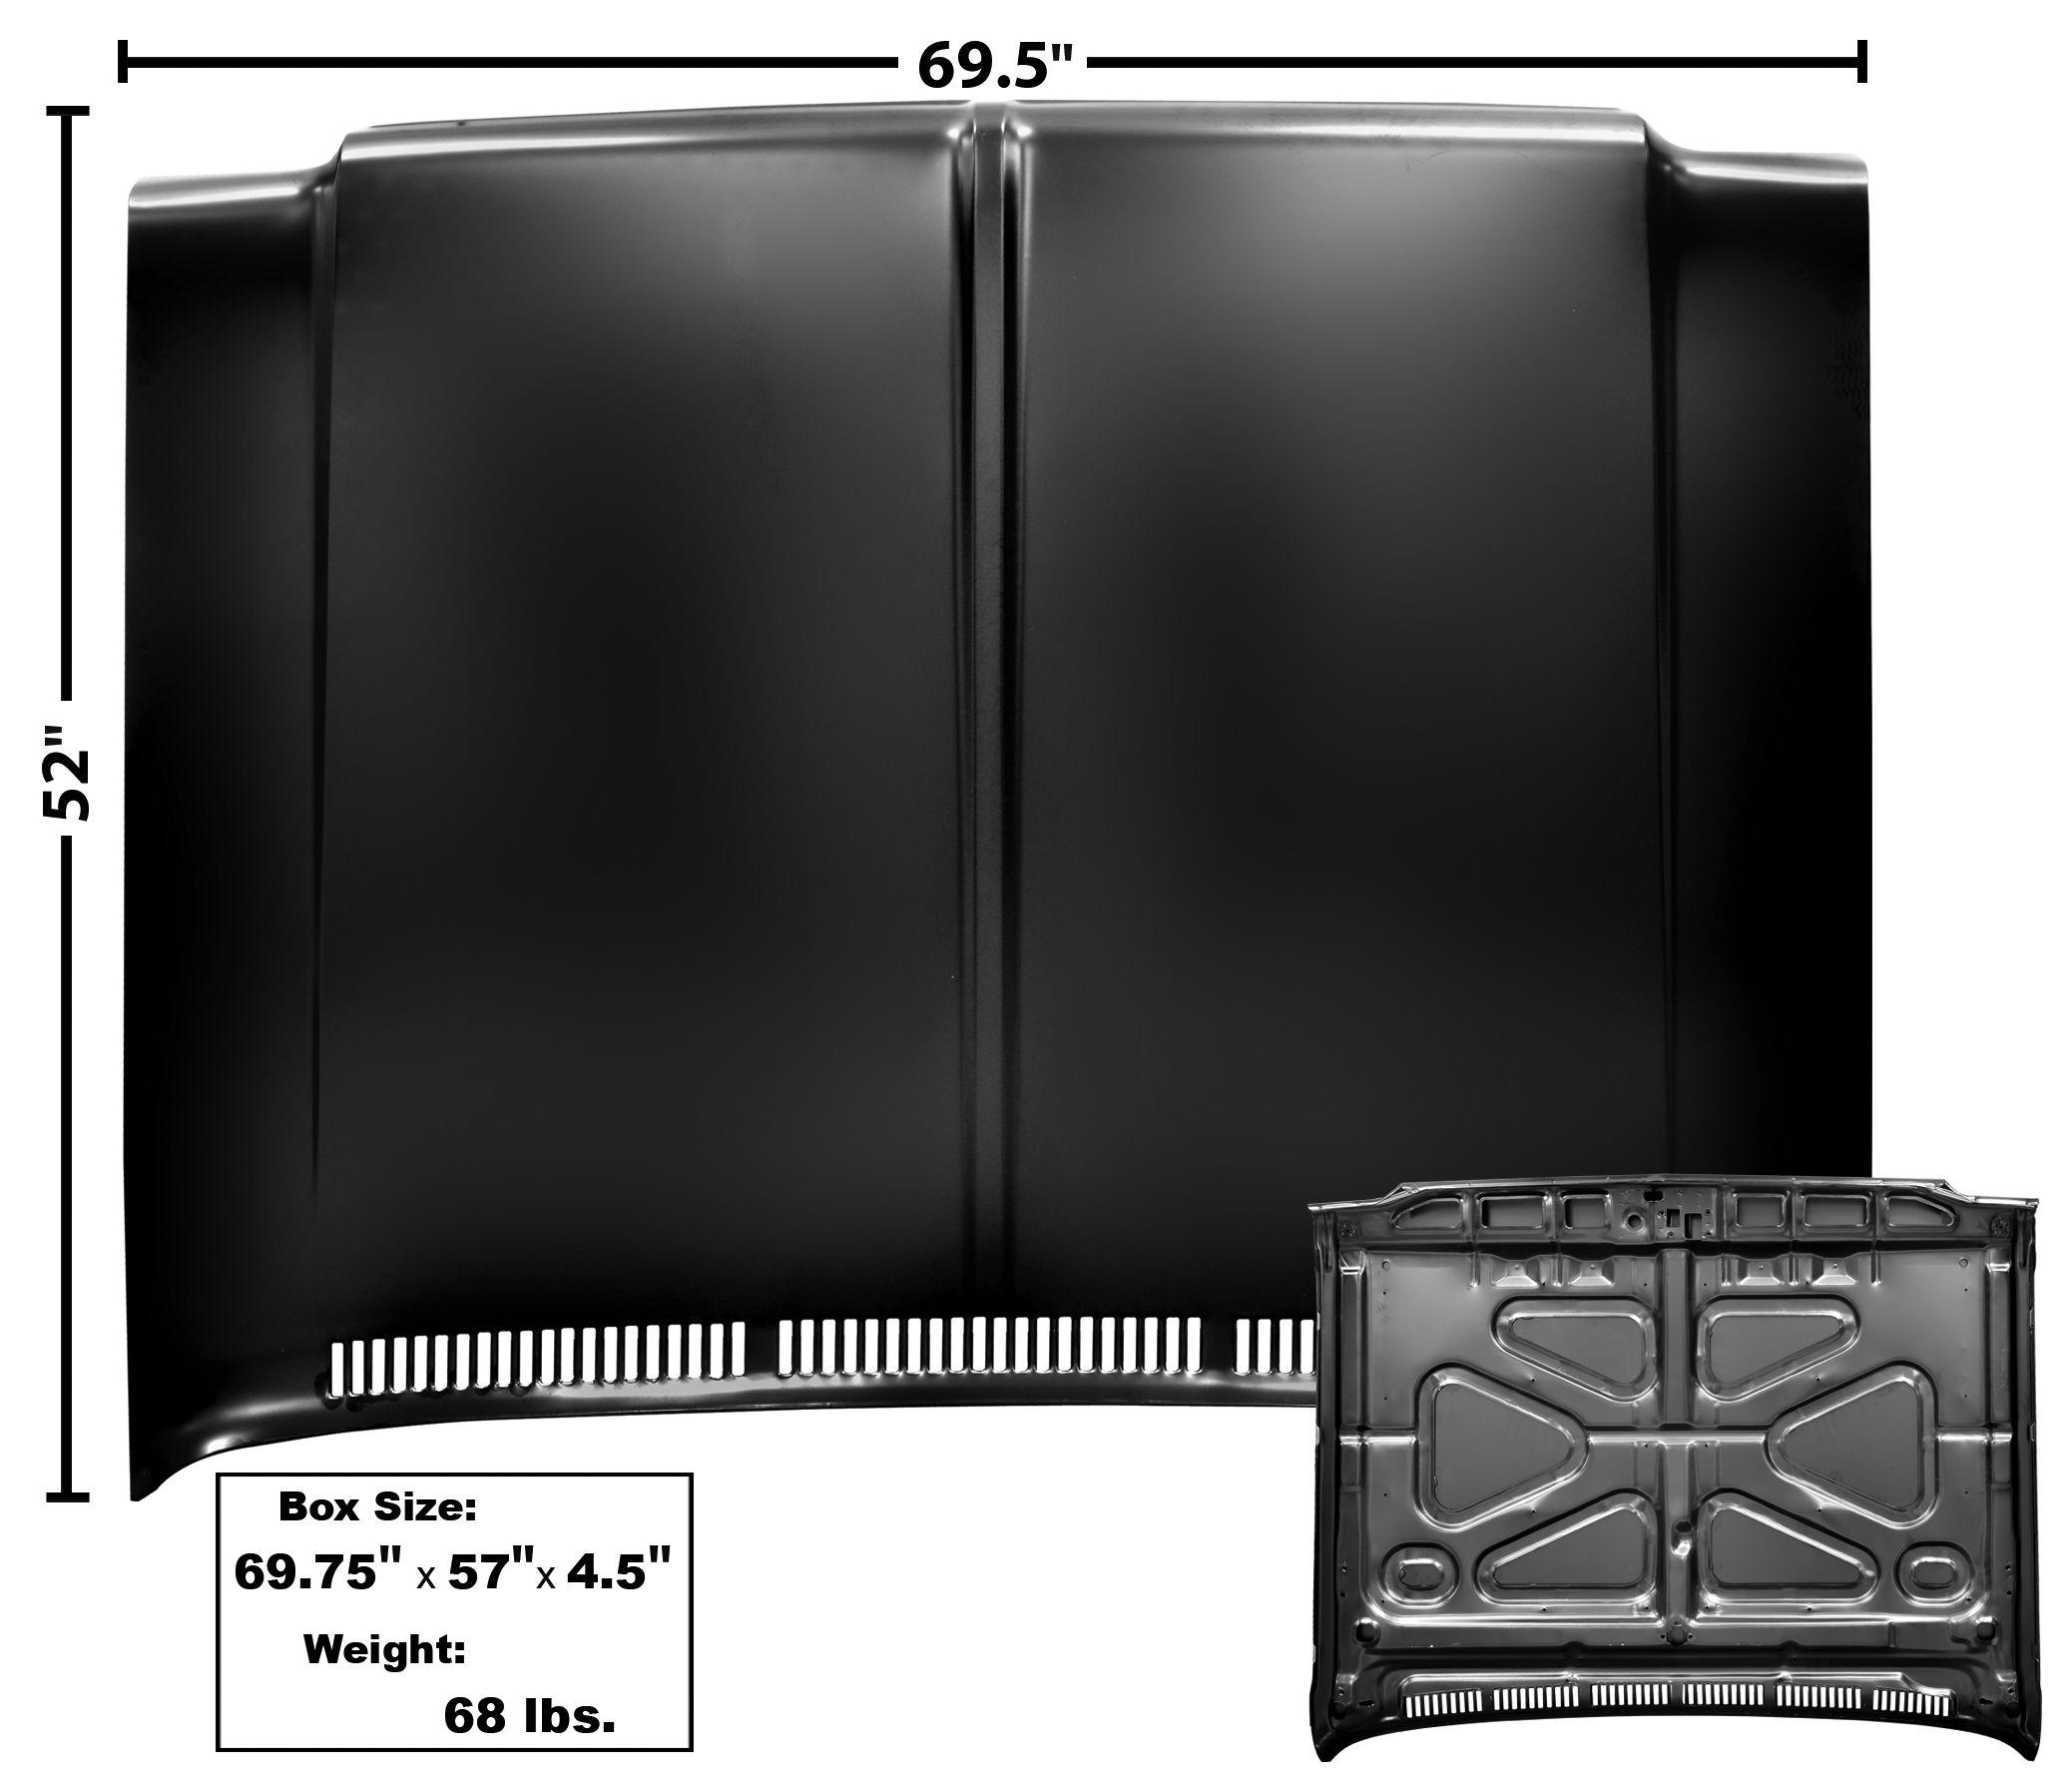 1973-80 C10 stock style hood